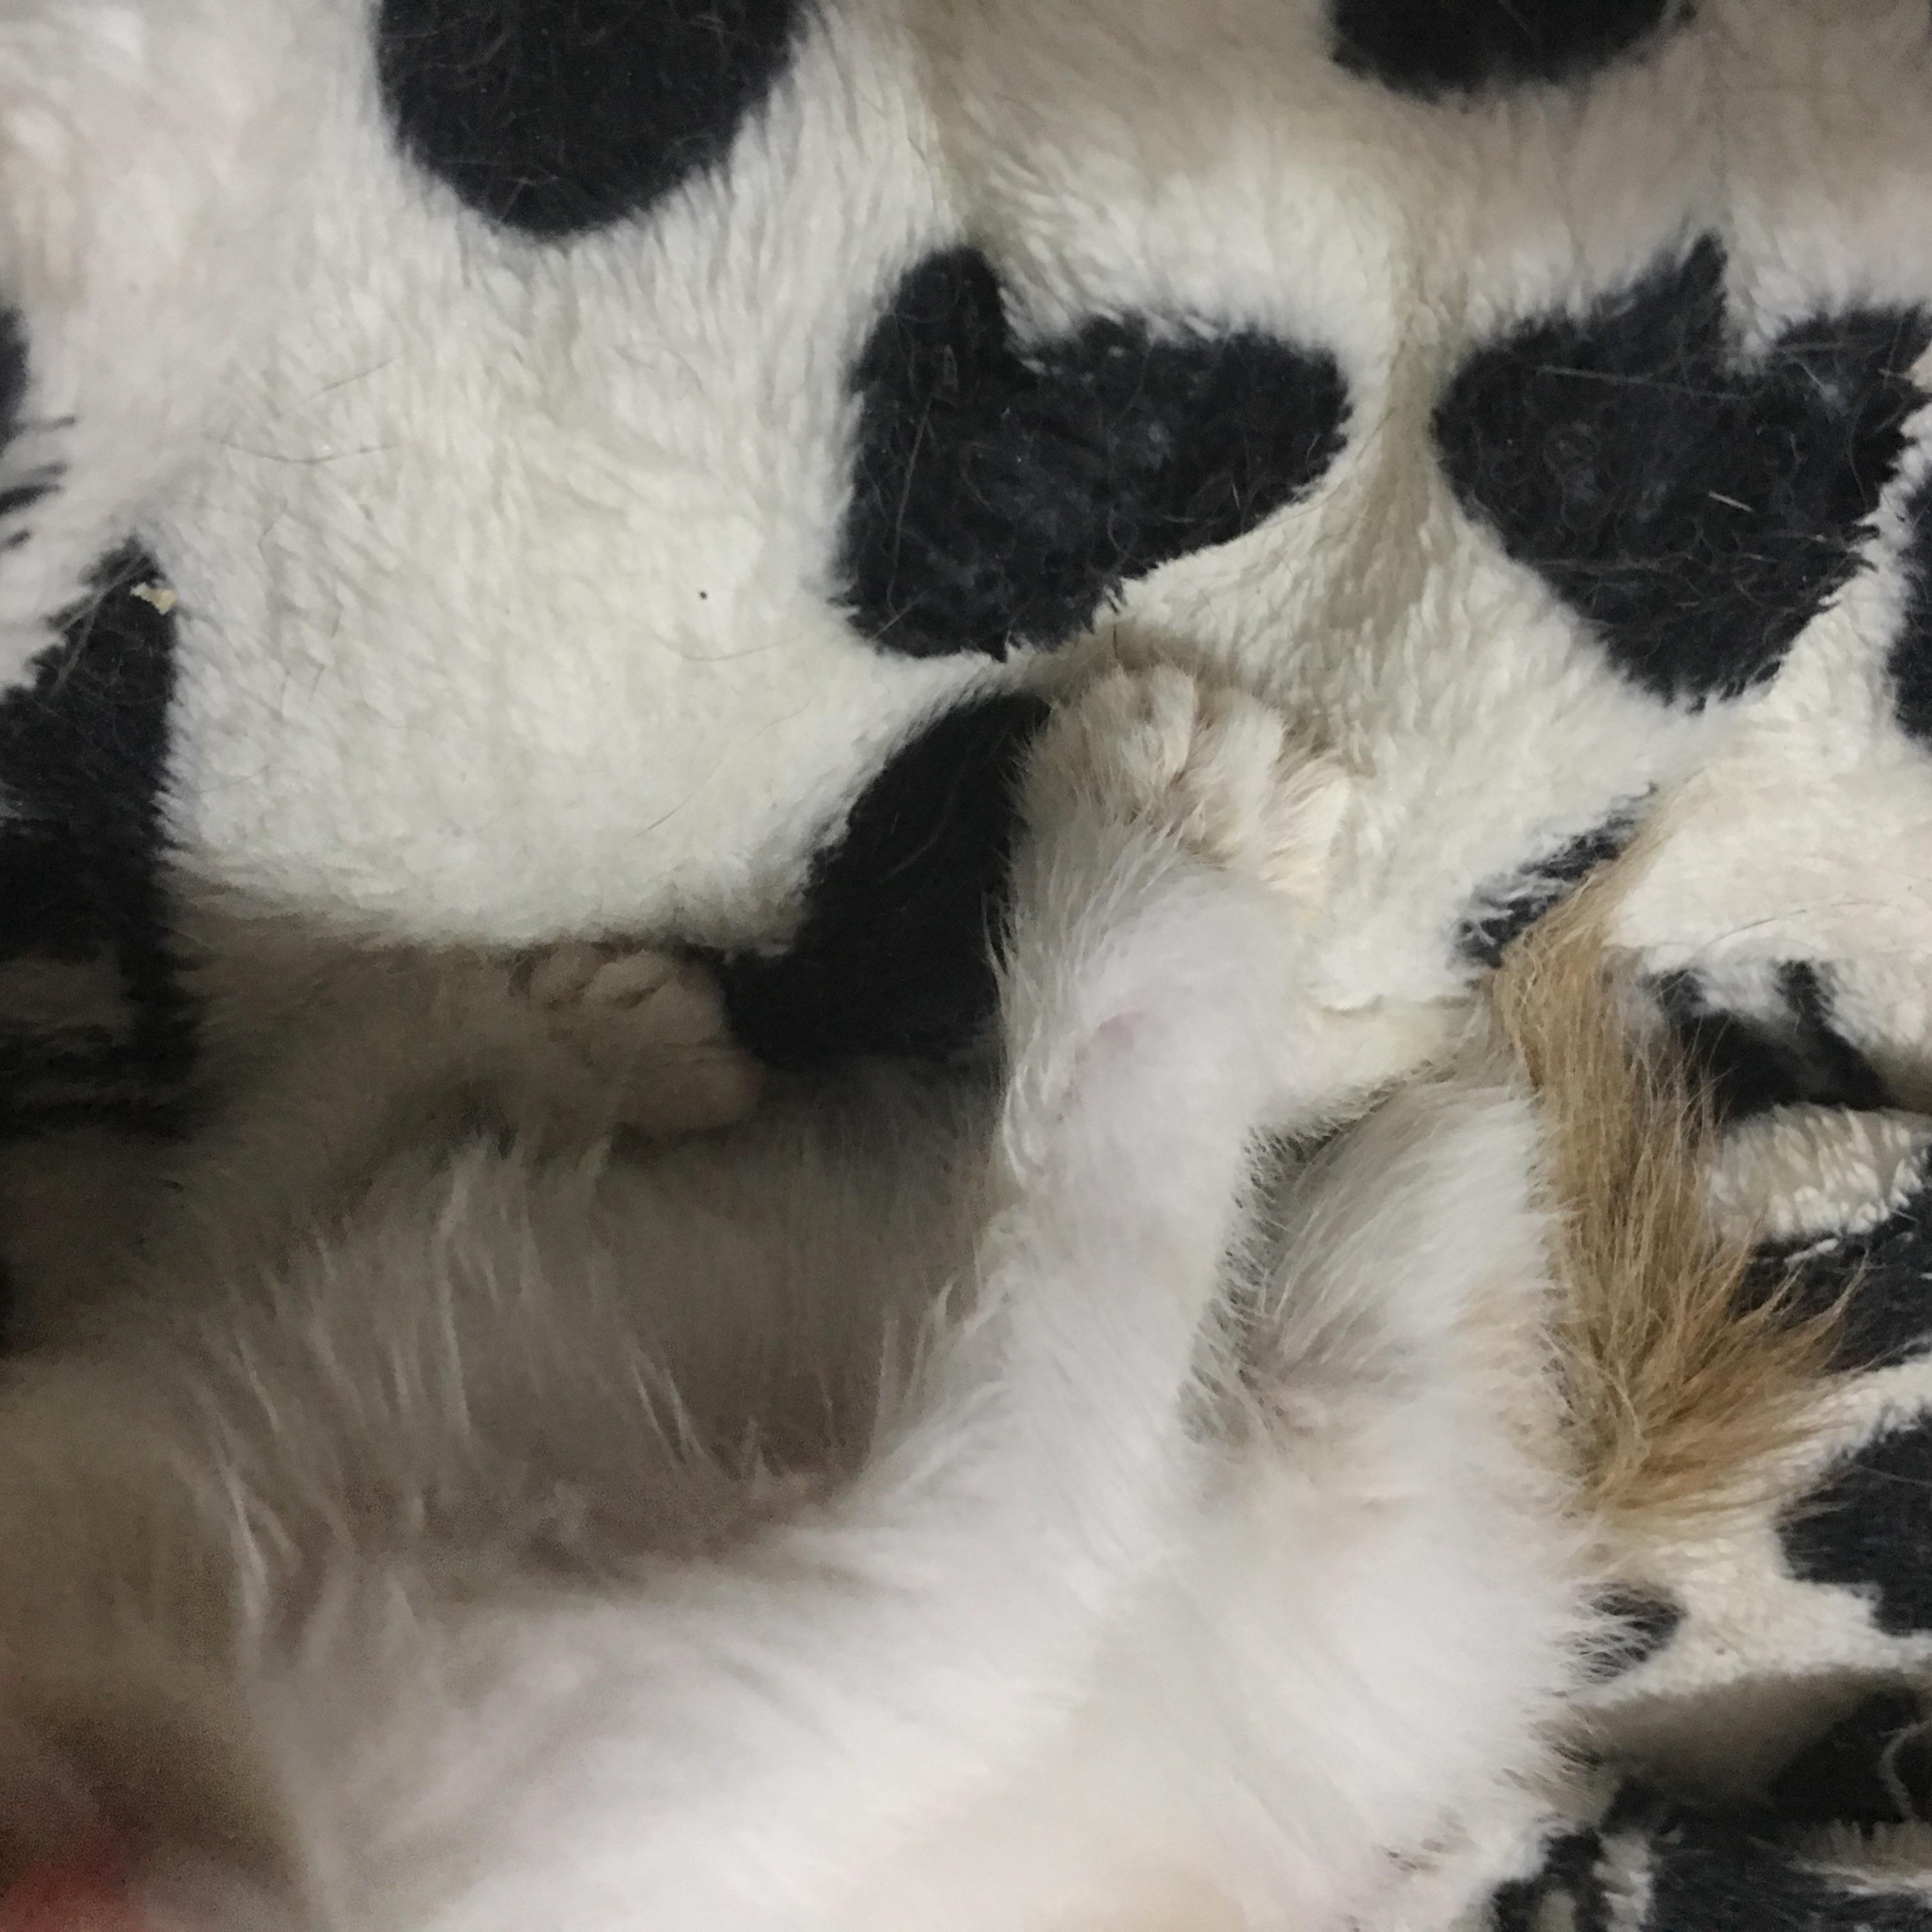 猫爪子突然很奇怪